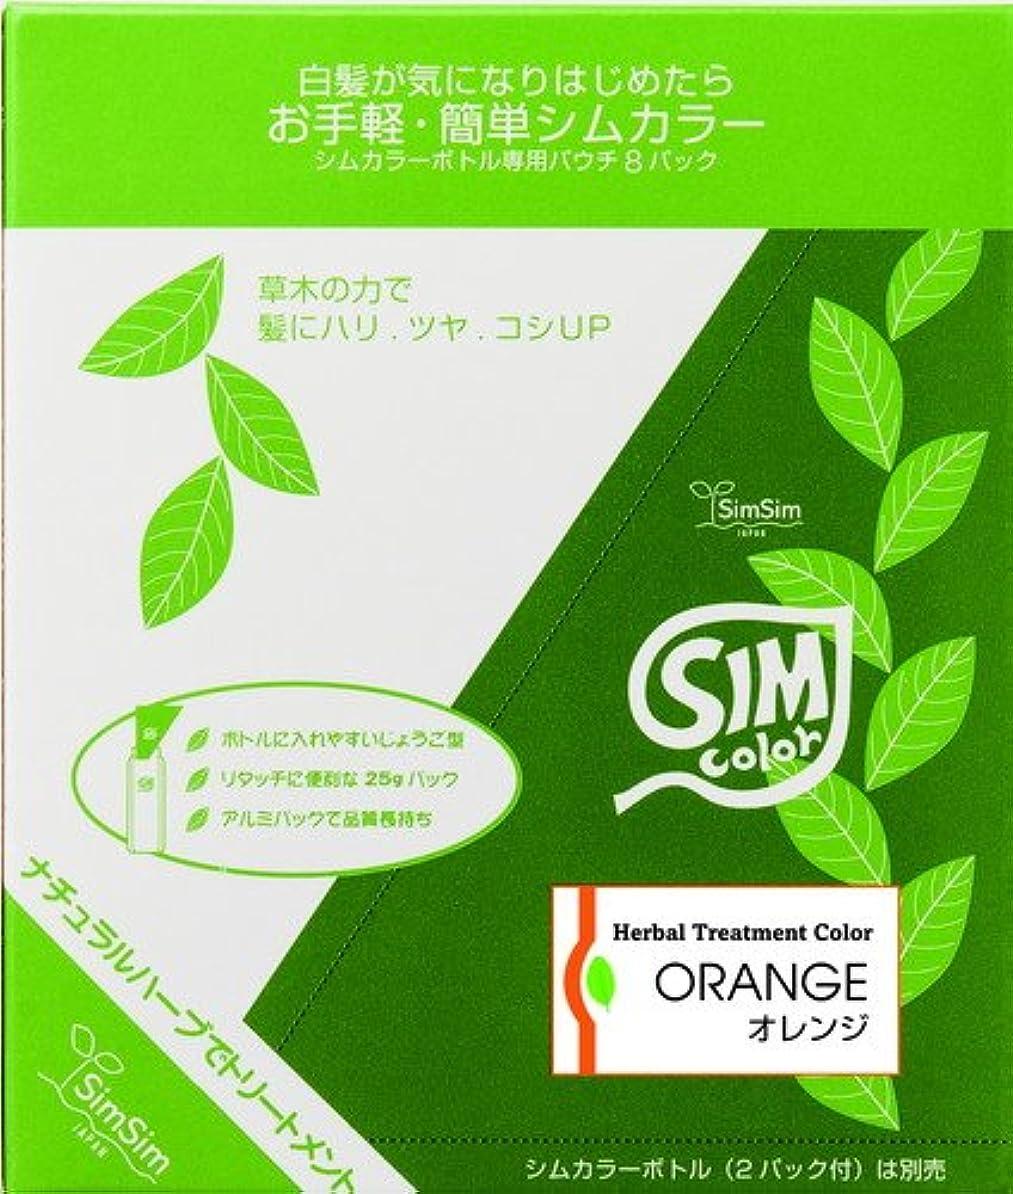 突っ込むかるドロップSimSim(シムシム)お手軽簡単シムカラーエクストラ(EX)25g 8袋 オレンジ